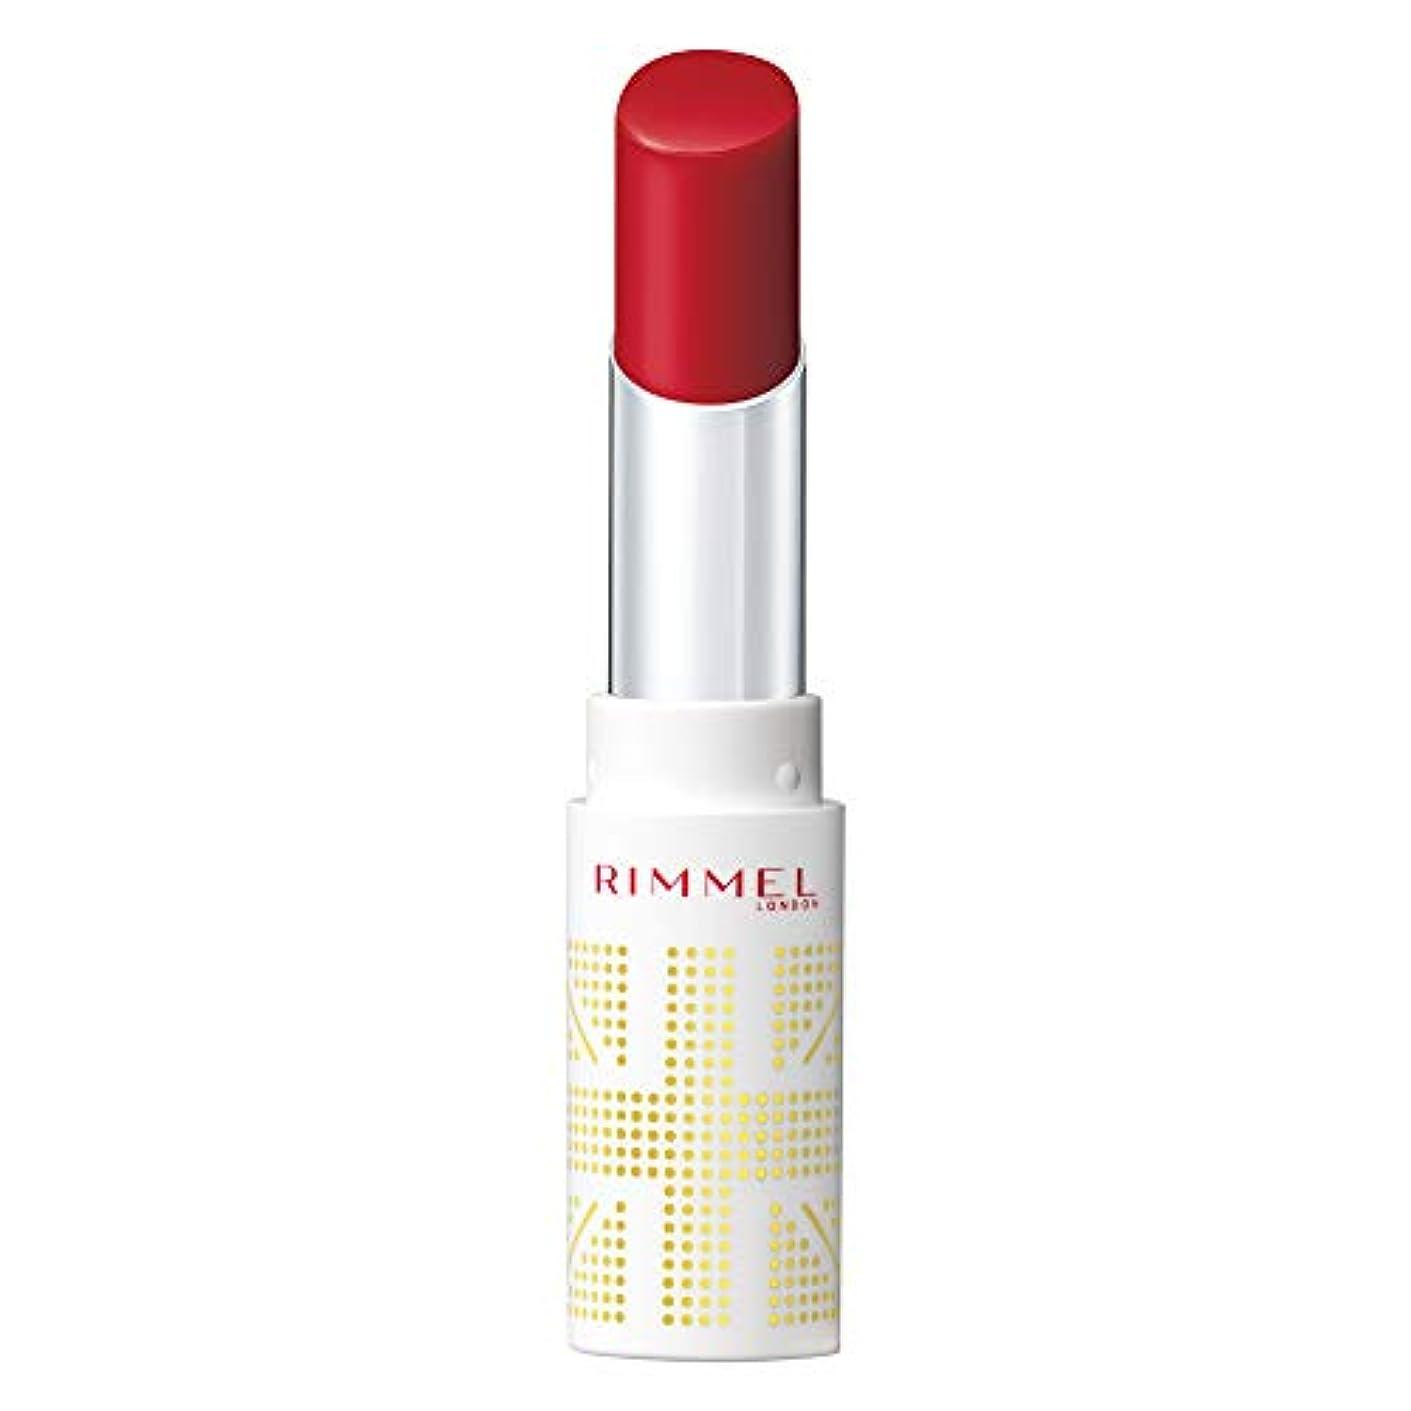 粘性の高価な哲学Rimmel (リンメル) リンメル ラスティングフィニッシュ オイルティントリップ 003 クラシカルレッド 3.8g 口紅